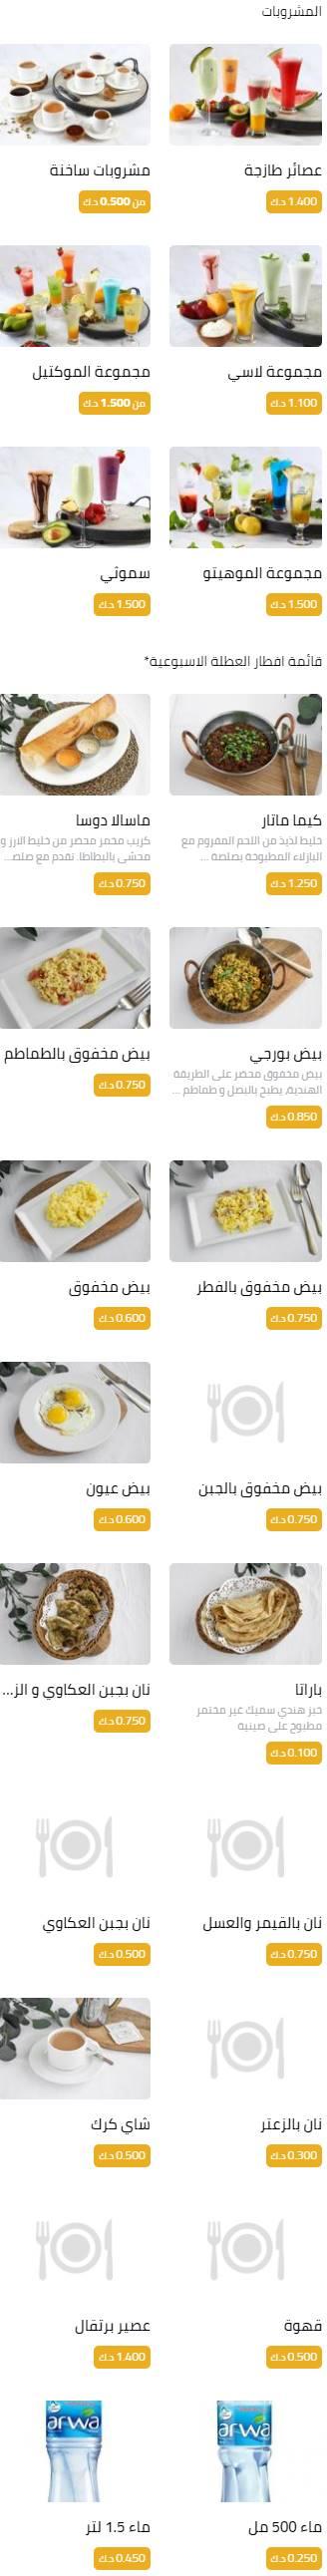 منيو مطعم قيصر الكويت